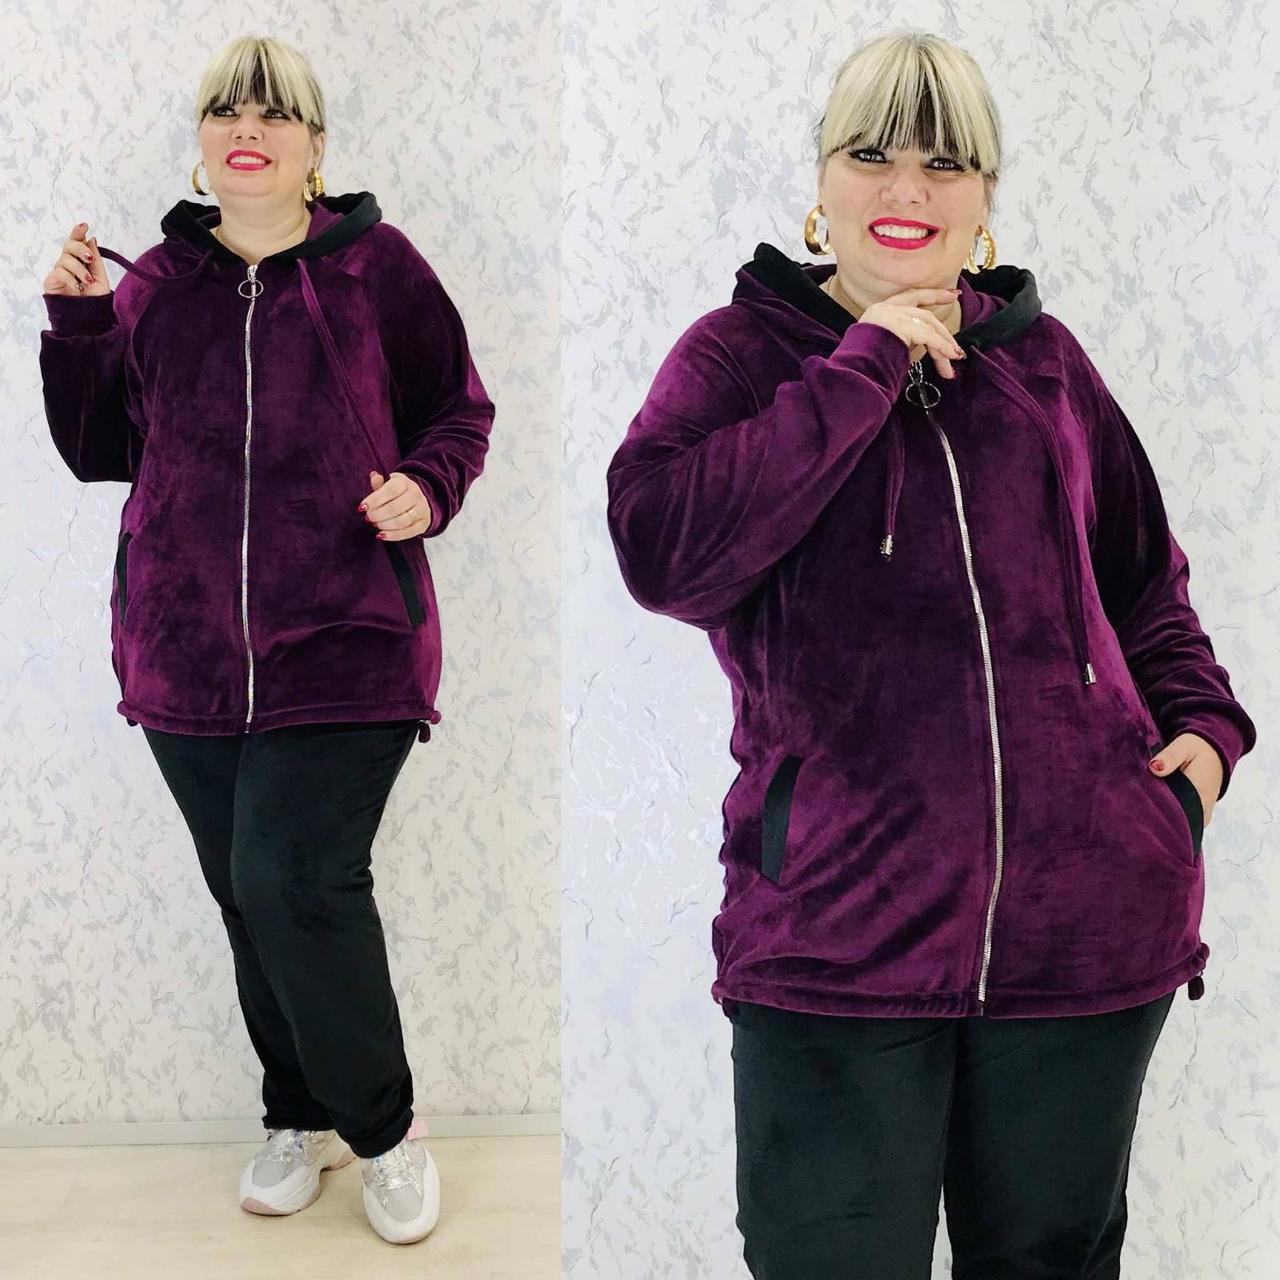 Спортивный костюм женский велюр высокого качества баталы, разные цвета, р.54/56, 58/60 полномерные Код 808Б